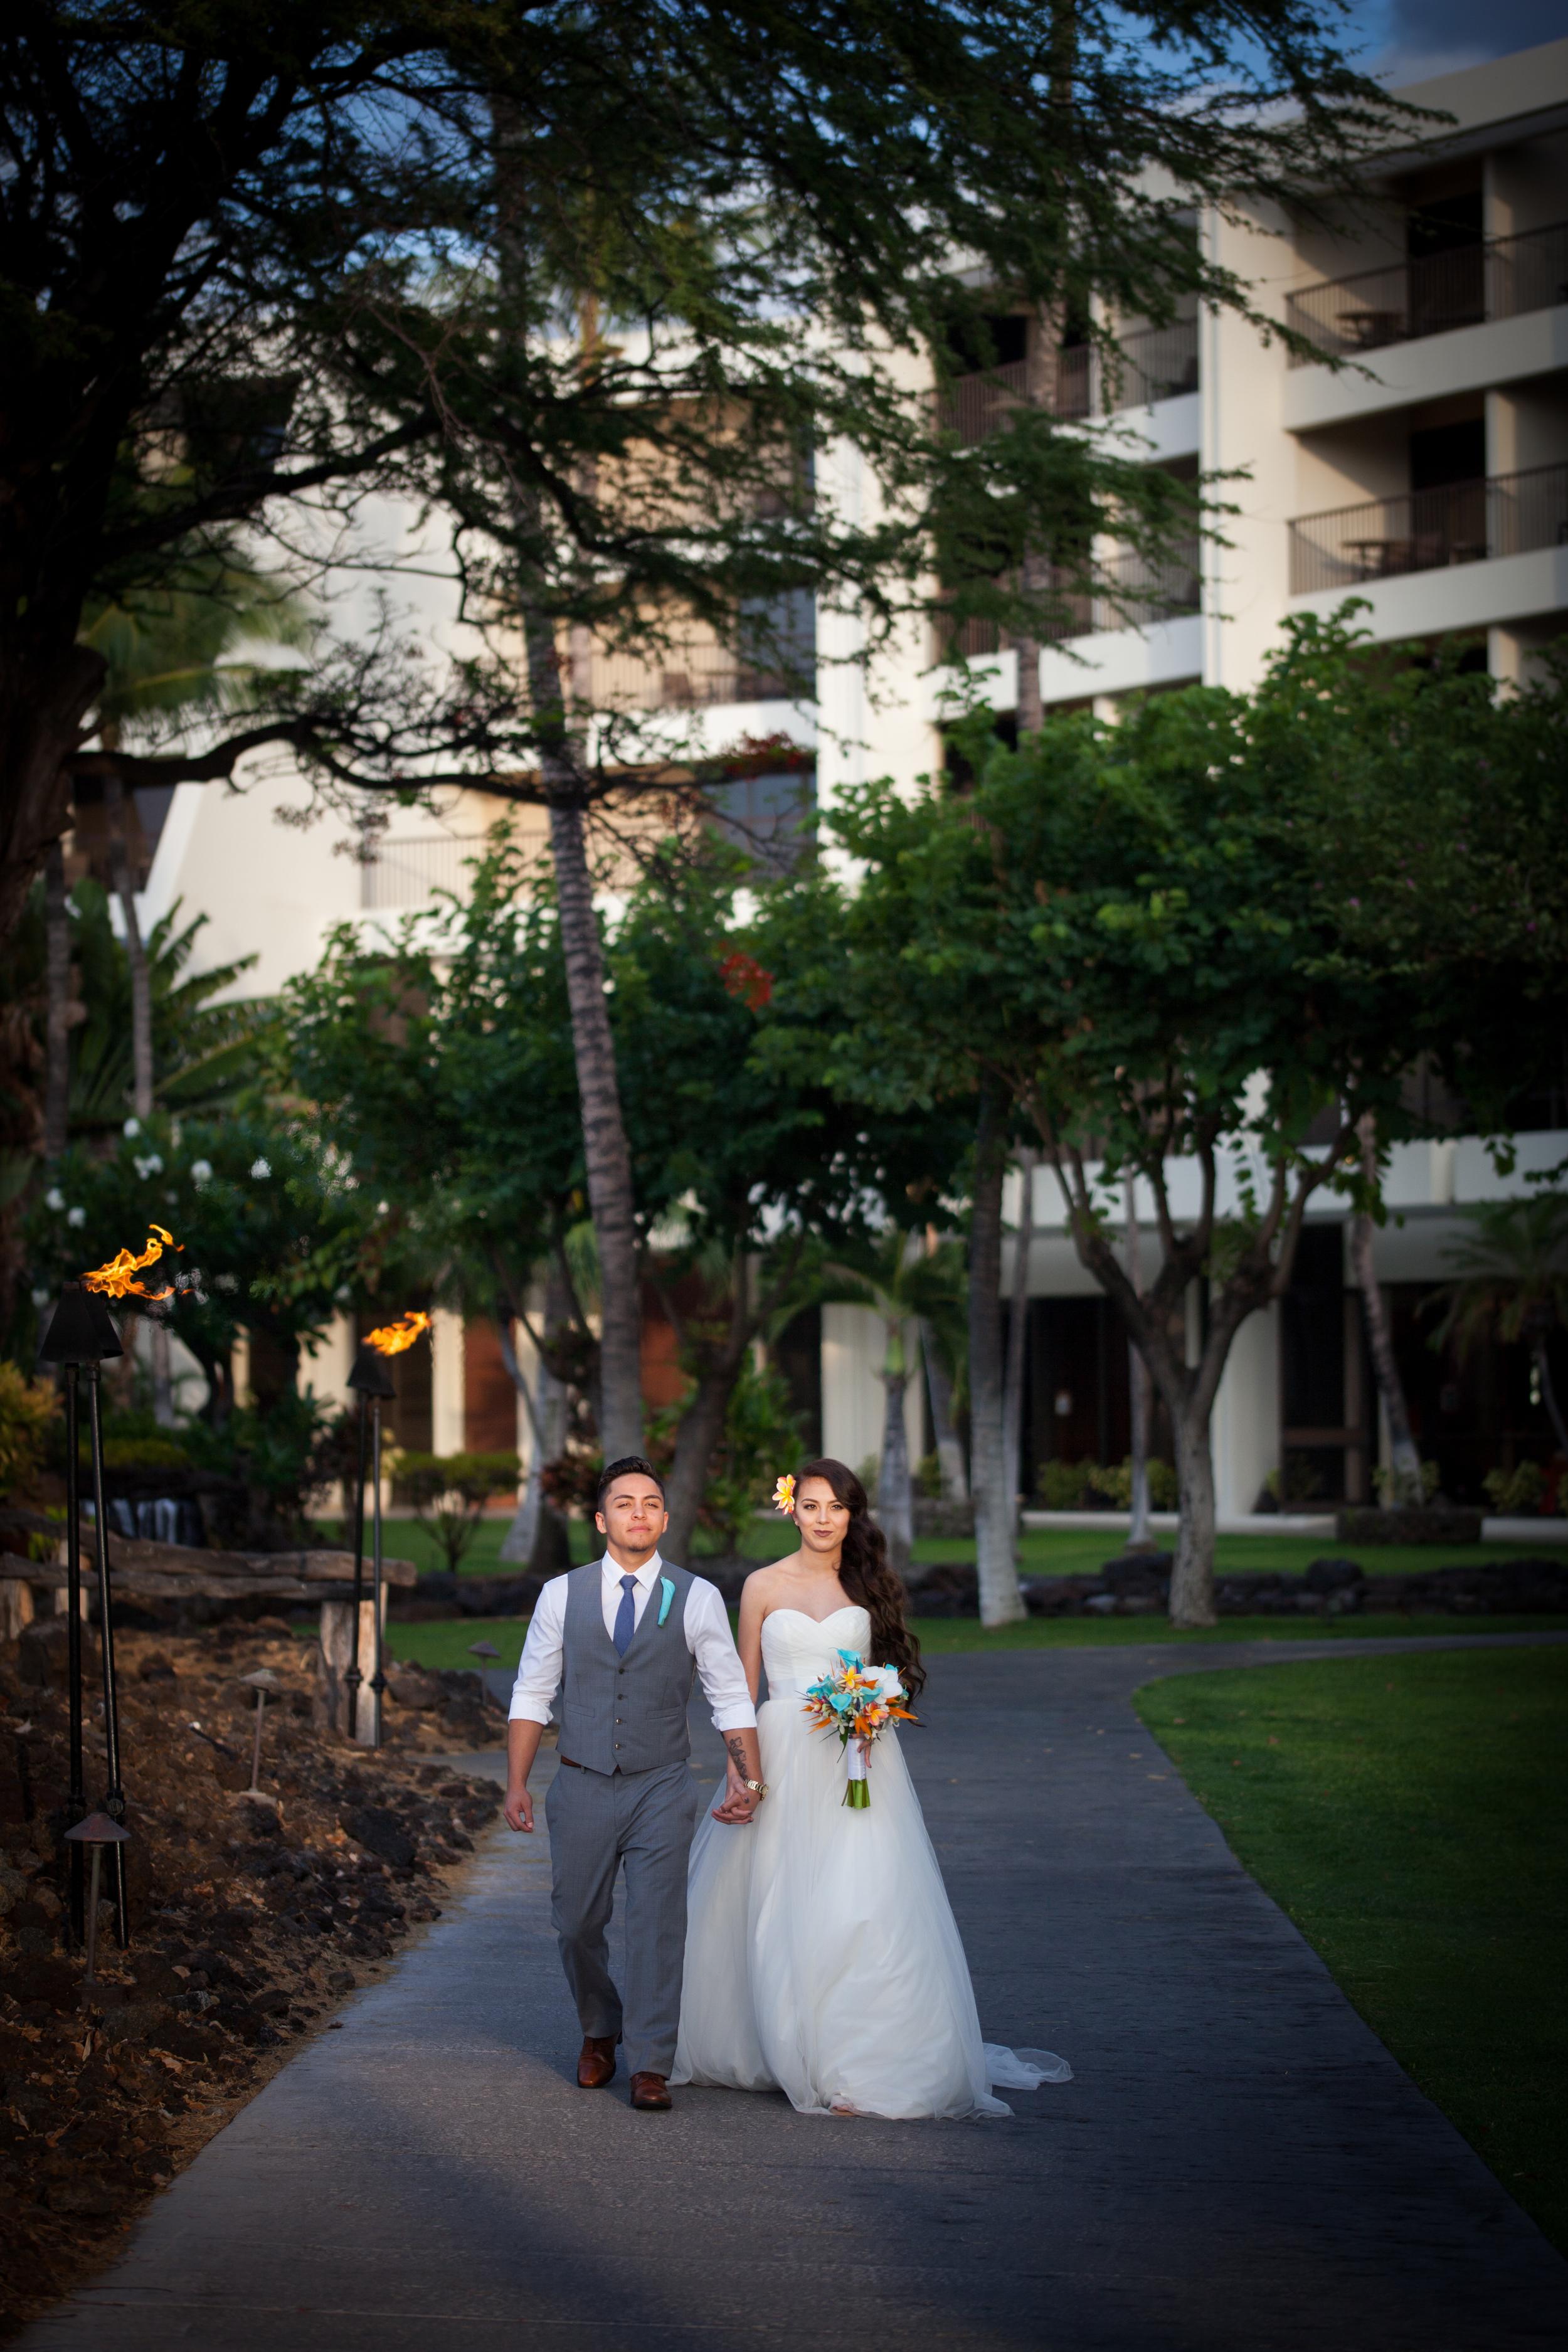 big island hawaii mauna lani resort wedding © kelilina photography 20160523181244-1.jpg